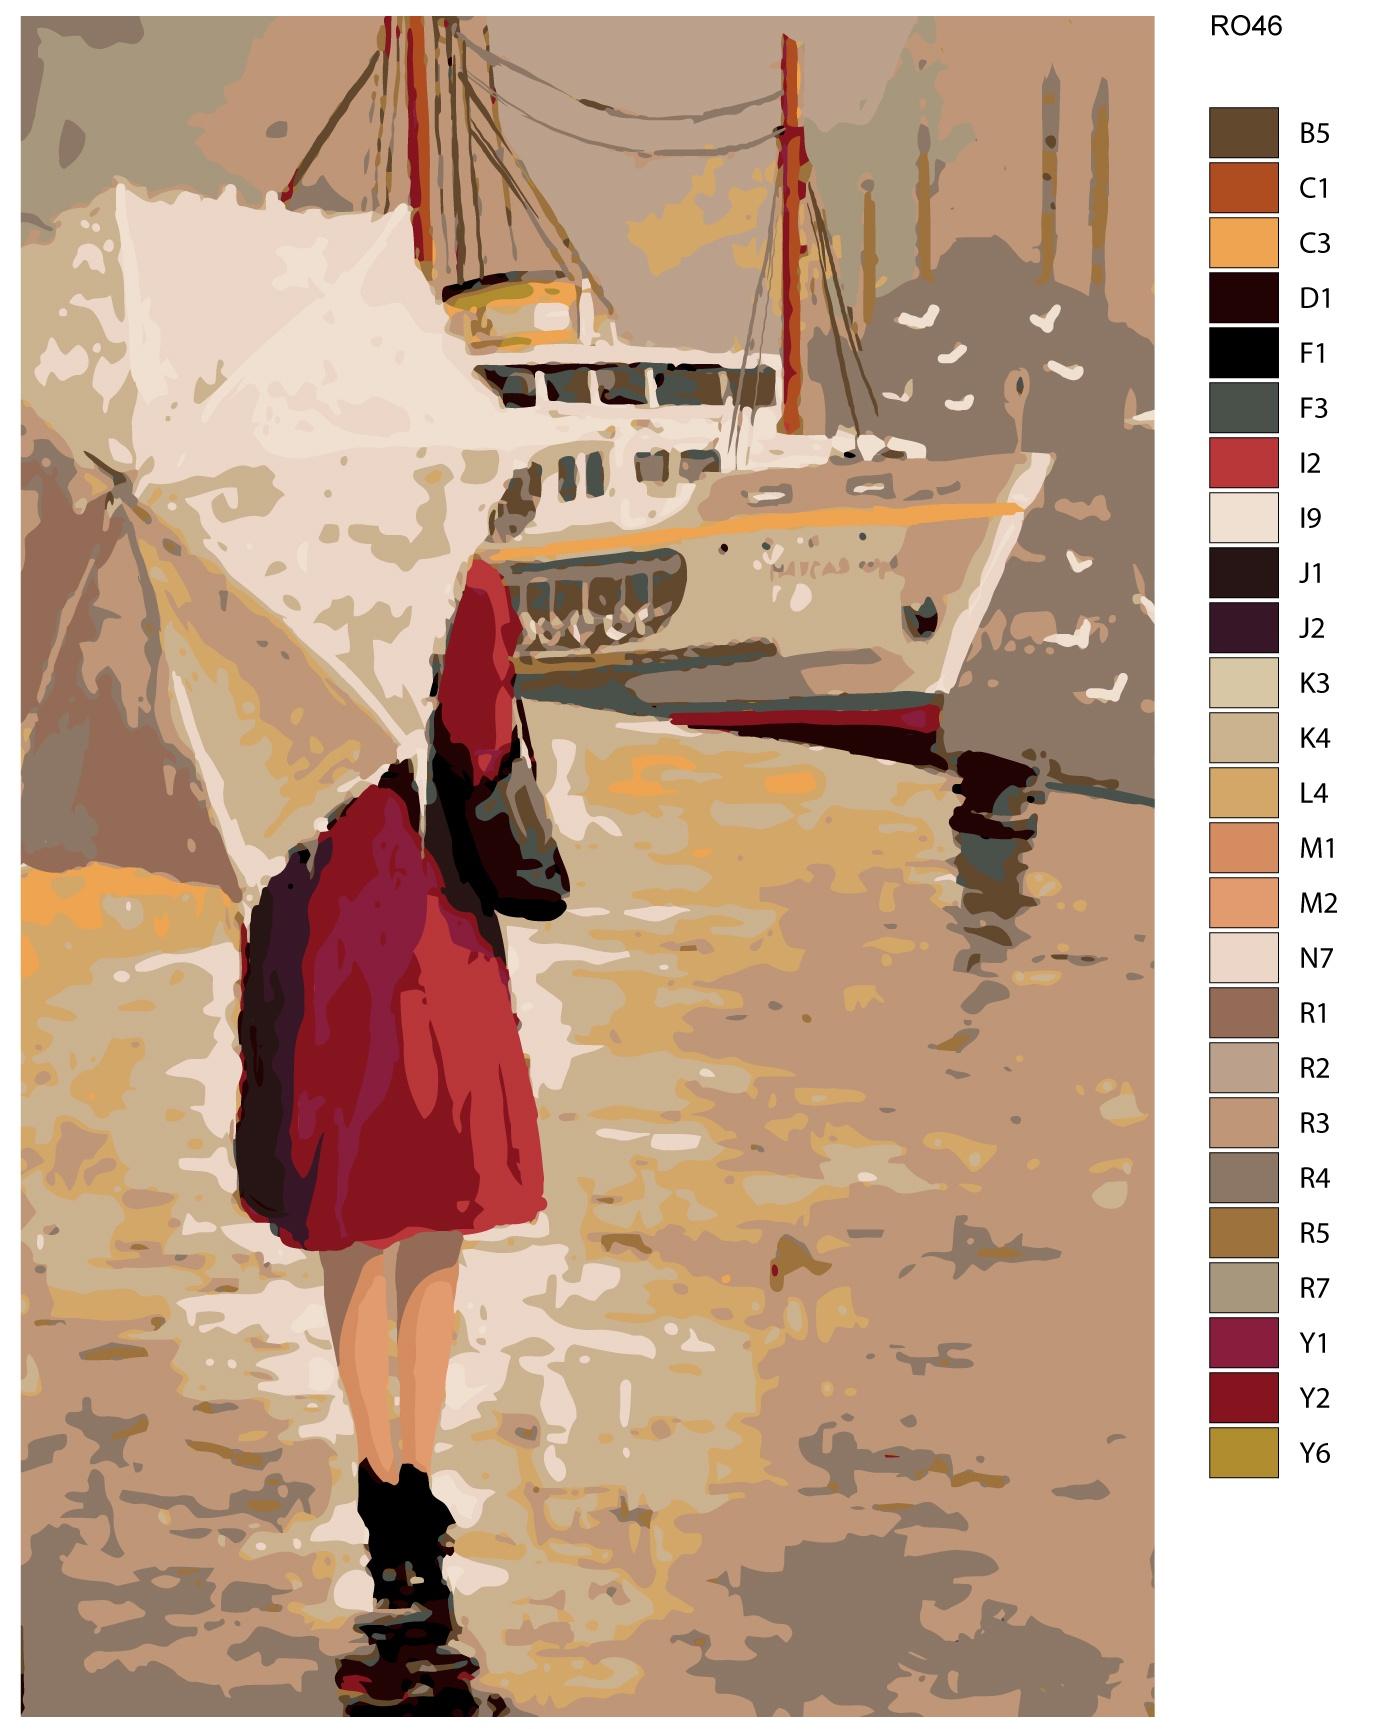 Картина по номерам, 80 x 120 см, RO46 ночная автобусная экскурсия по следам романа мастер и маргарита 2019 05 18t01 00